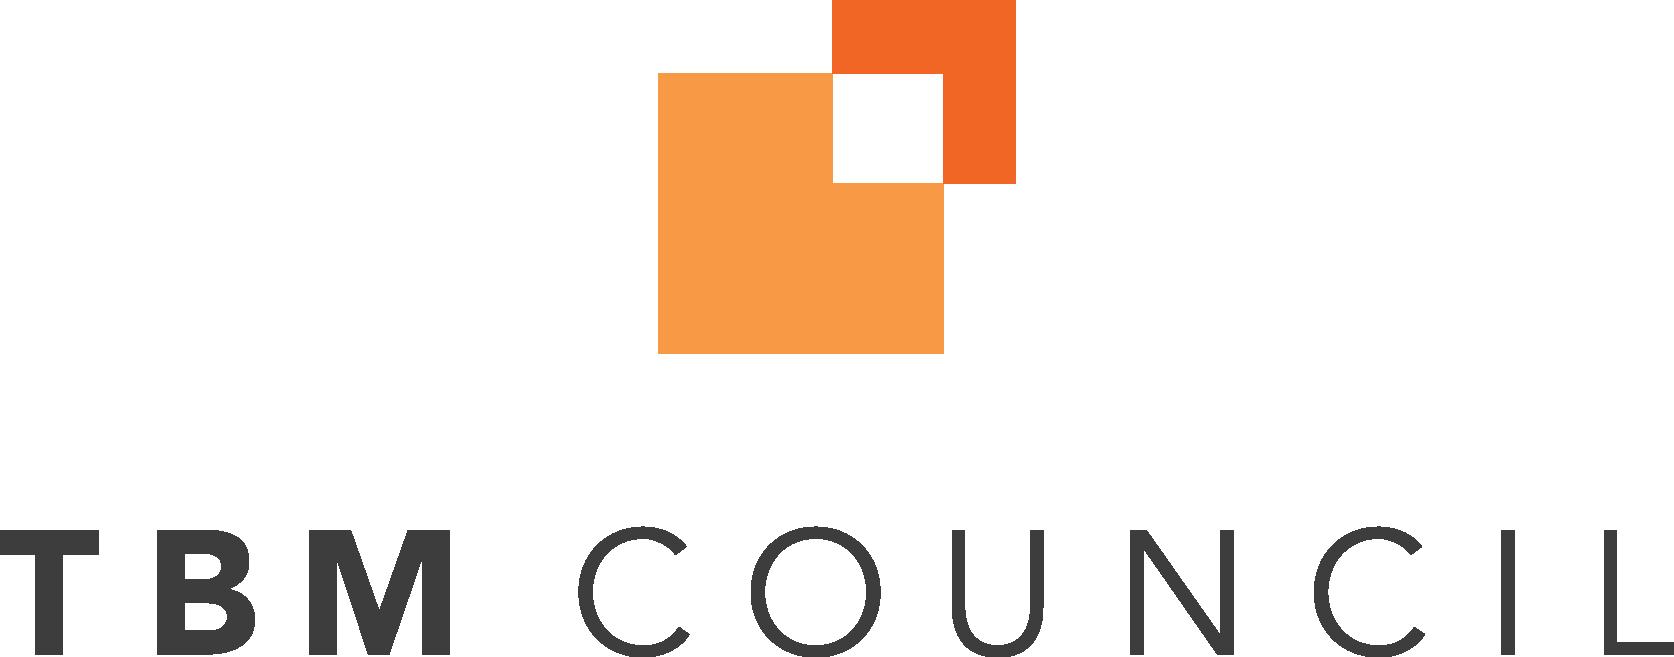 tbmcouncil2015-logos-02